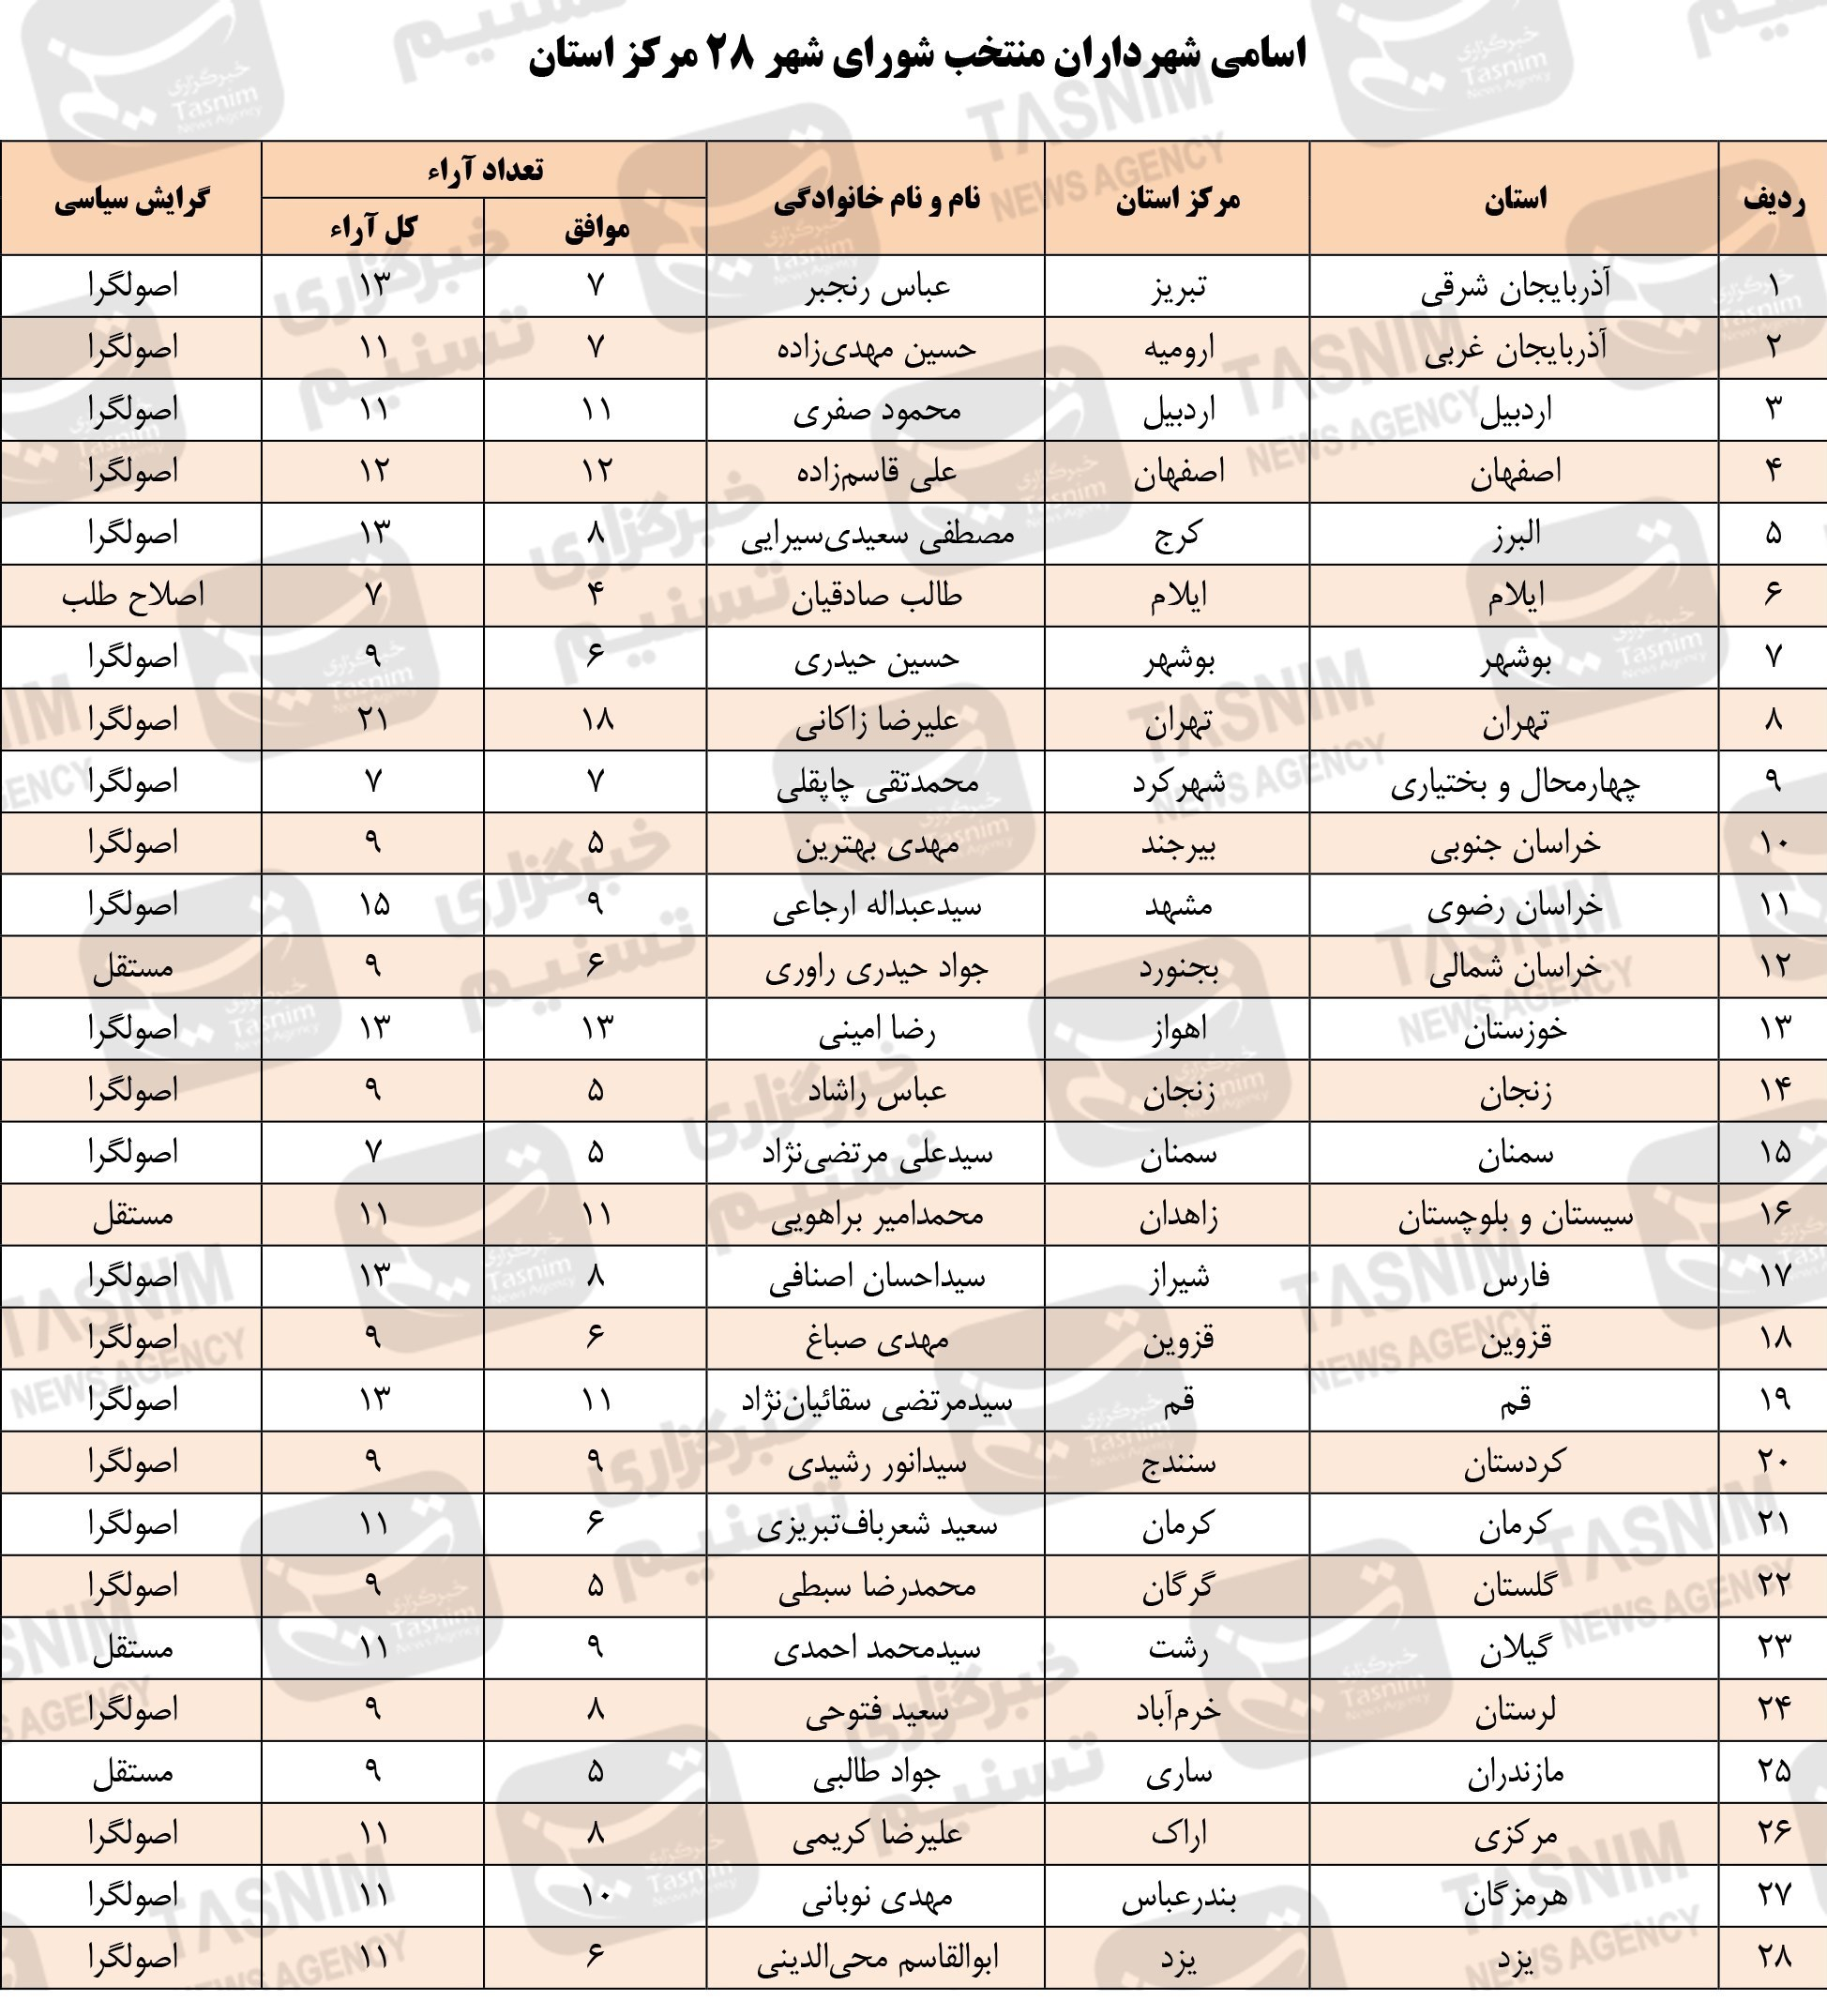 ۲۸ شهردار منتخب مراکز استانها چهکسانی هستند؟ + جدول گرایش سیاسی و تعداد آرا